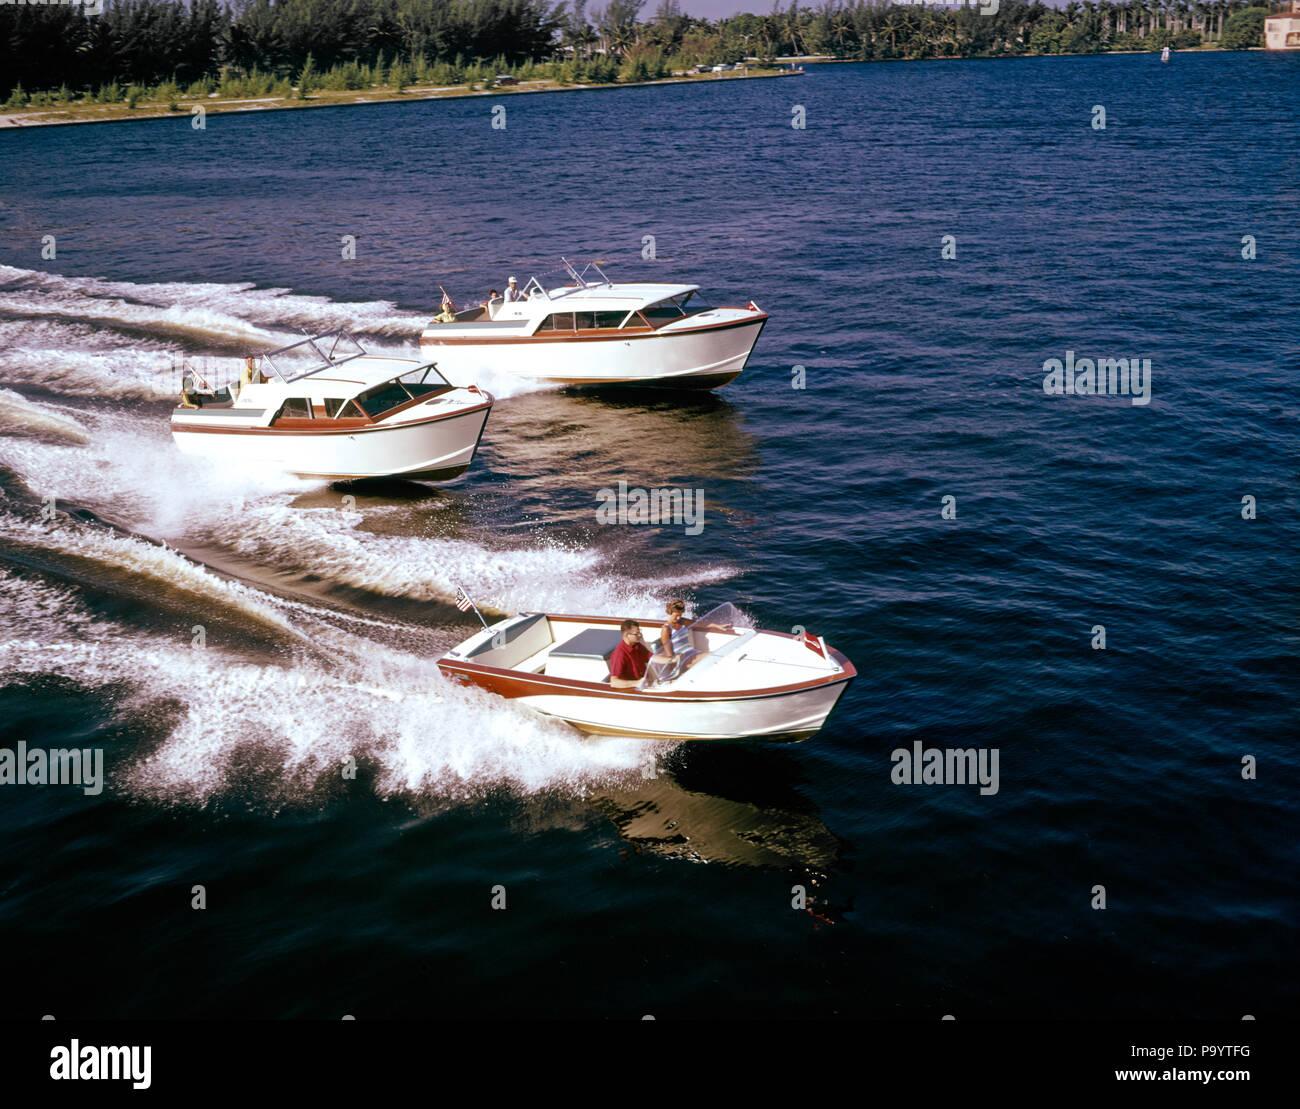 Anni Cinquanta anni sessanta tre vintage piccolo scafo in legno entrobordo barche POWER RACING SU ACQUA - KB5956 SCH002 HARS GETAWAY CONTEST EMOZIONE RICREAZIONE TRIO barca a motore vacanze concorrenti motion blur vincitori ricreazione nautica mobilità nautica Barche a motore riuscire azioni concorrente entrobordo CONCORRENTI FL HULL motoscafo vacanze competere in vecchio stile Immagini Stock